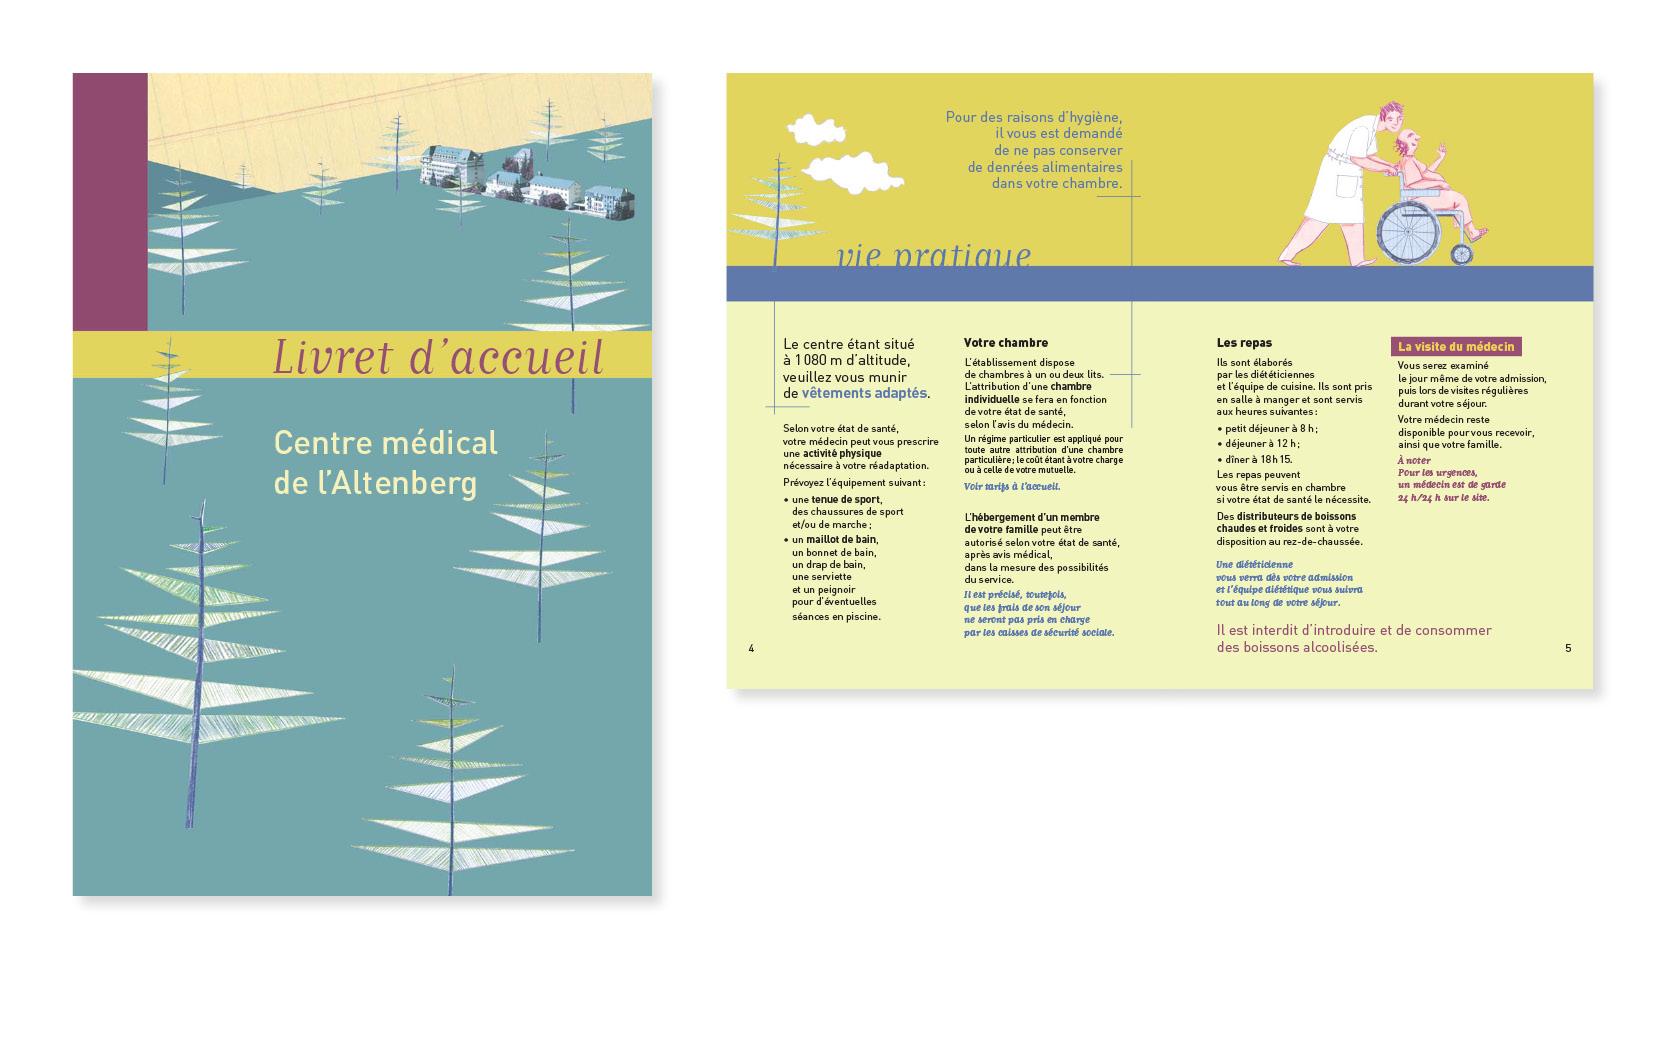 Mise en page en graphisme du Livret d'accueil pour le Centre médical de l'Altenberg, 20 pages, 2004.